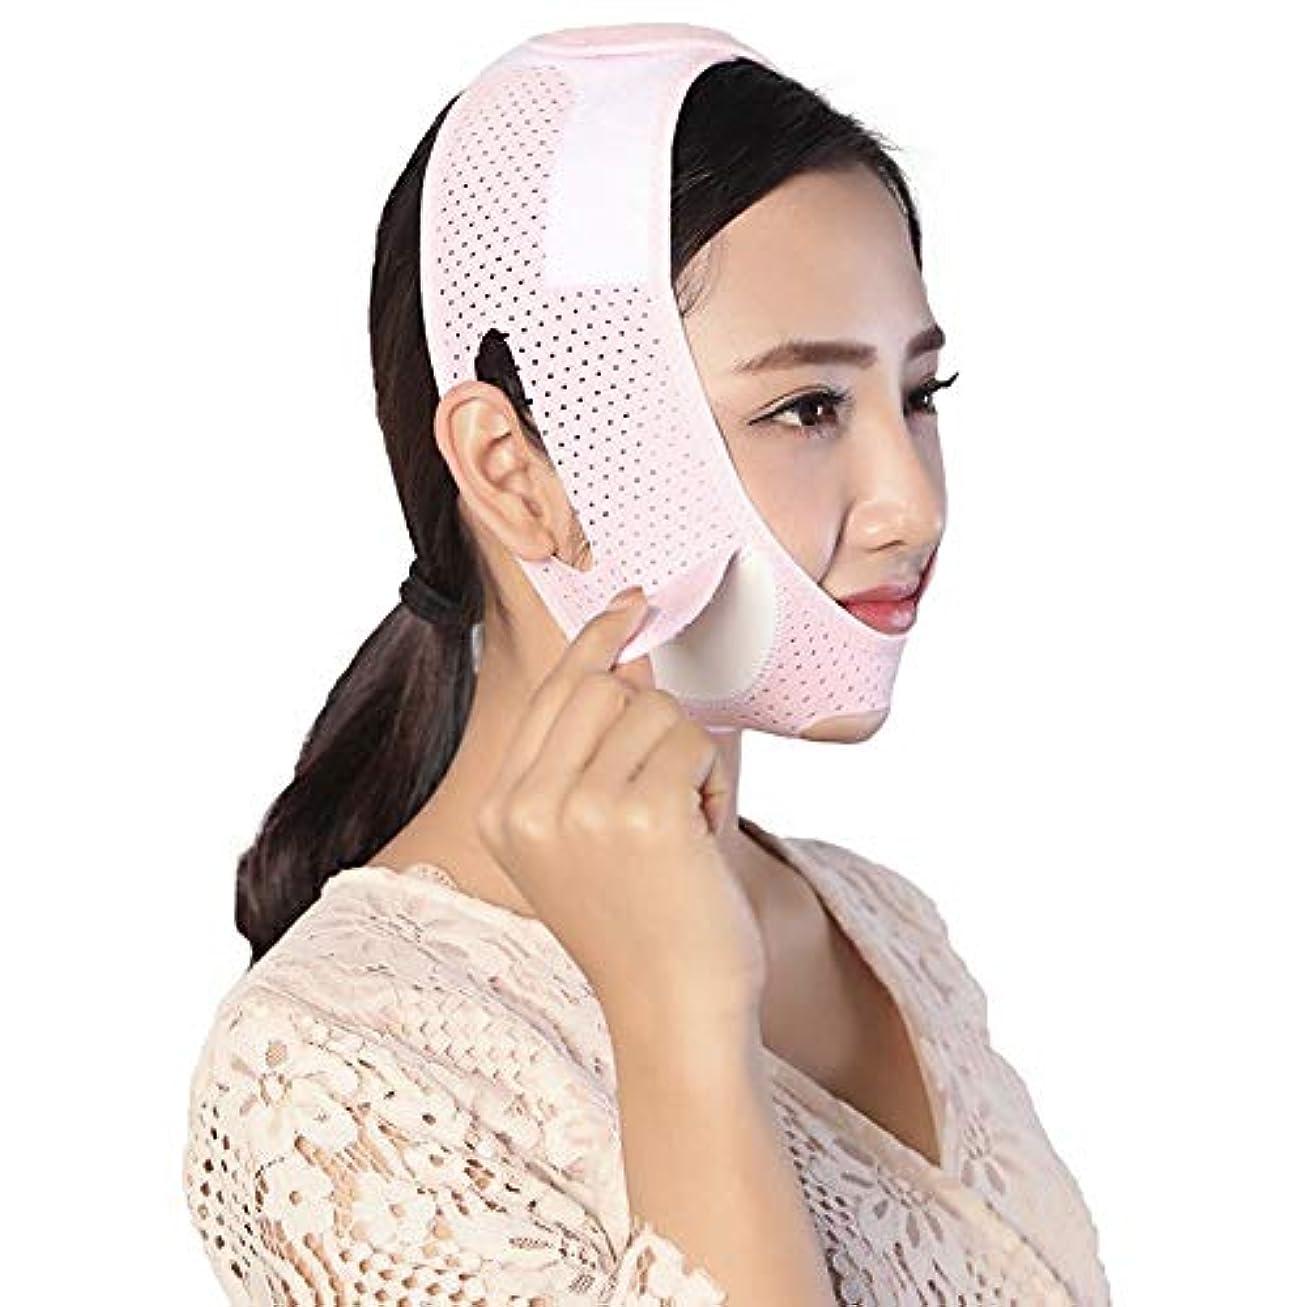 ケーブルアプライアンス発動機Minmin フェイシャルリフティング痩身ベルト - 圧縮二重あご減量ベルトスキンケア薄い顔包帯 みんみんVラインフェイスマスク